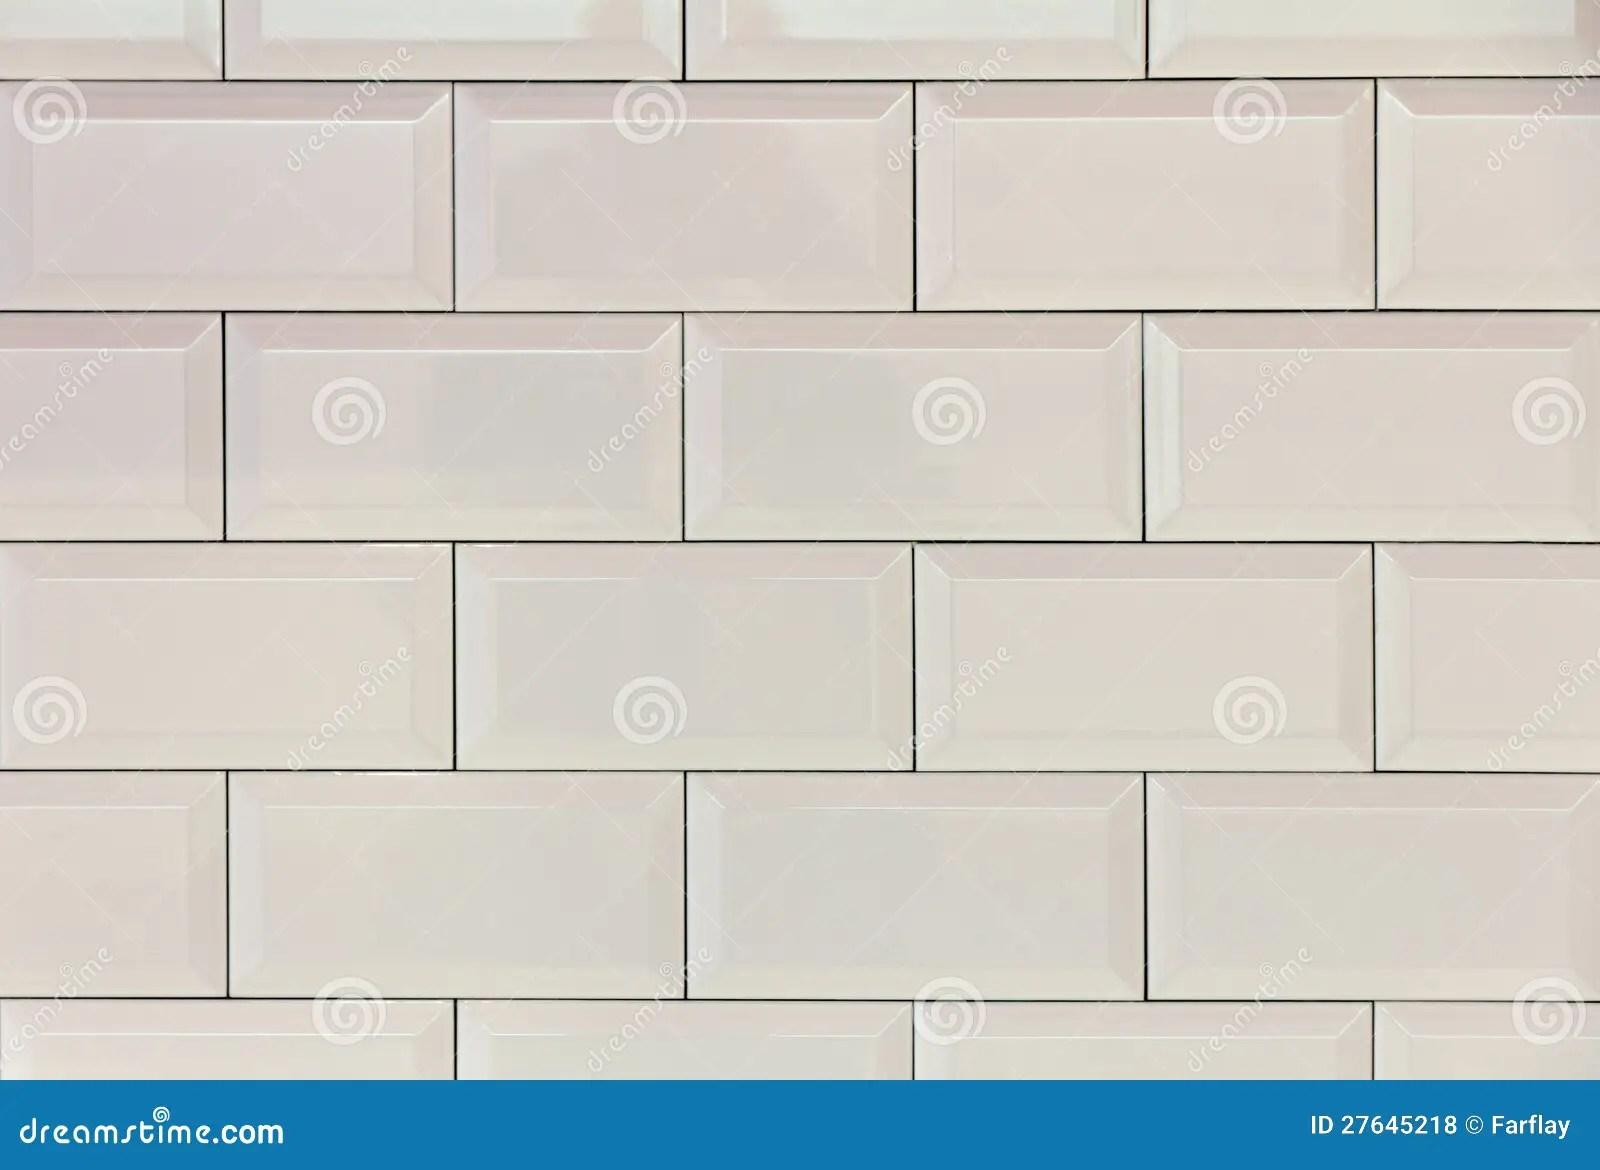 Weie Fliesen stockfoto Bild von fliesen quadrat oberflche  27645218